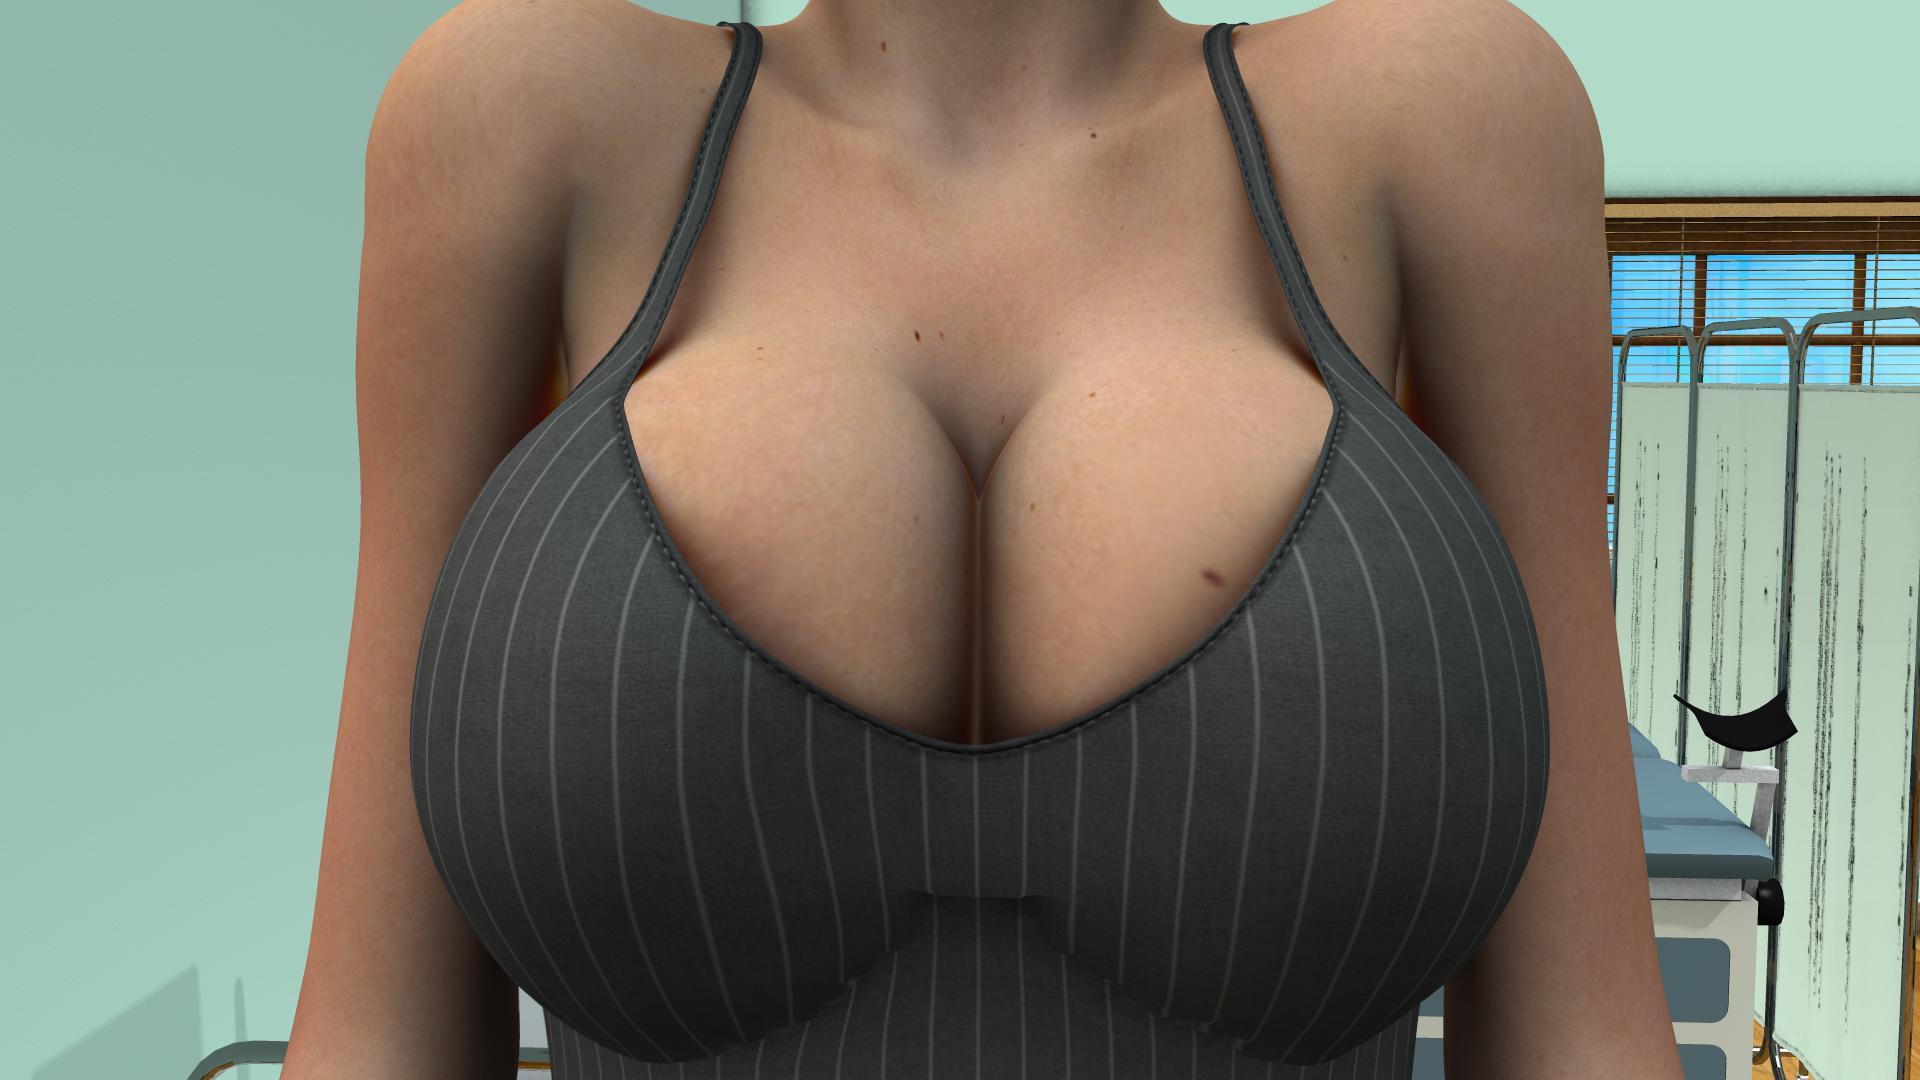 boobs favouritesrobhi on deviantart